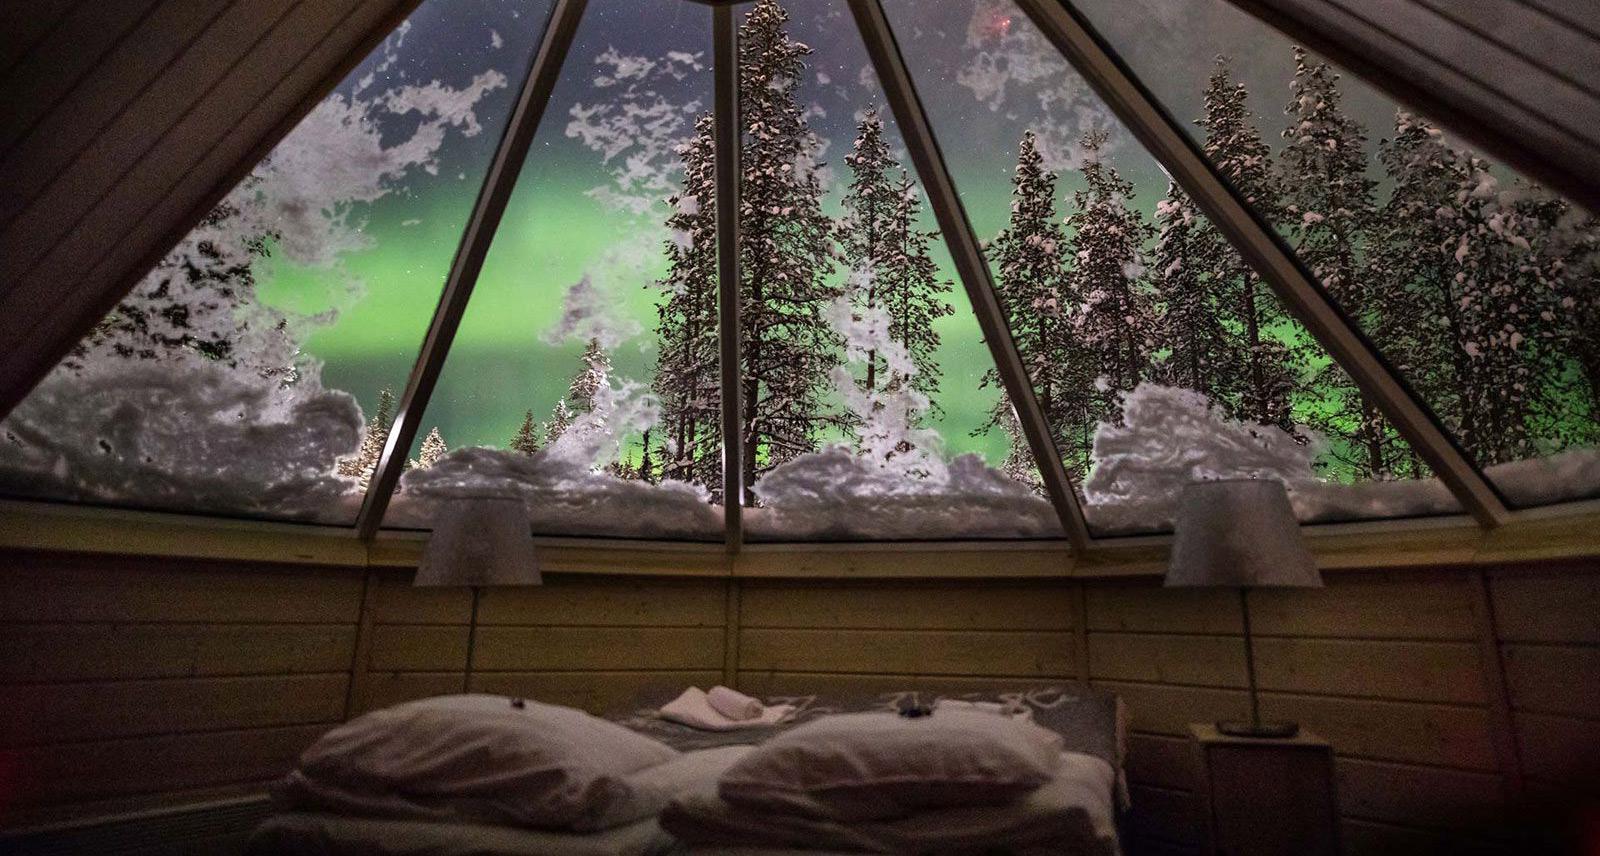 Viaggio in Scandinavia: Autunno Nella Lapponia Finlandese E L'aurora Boreale